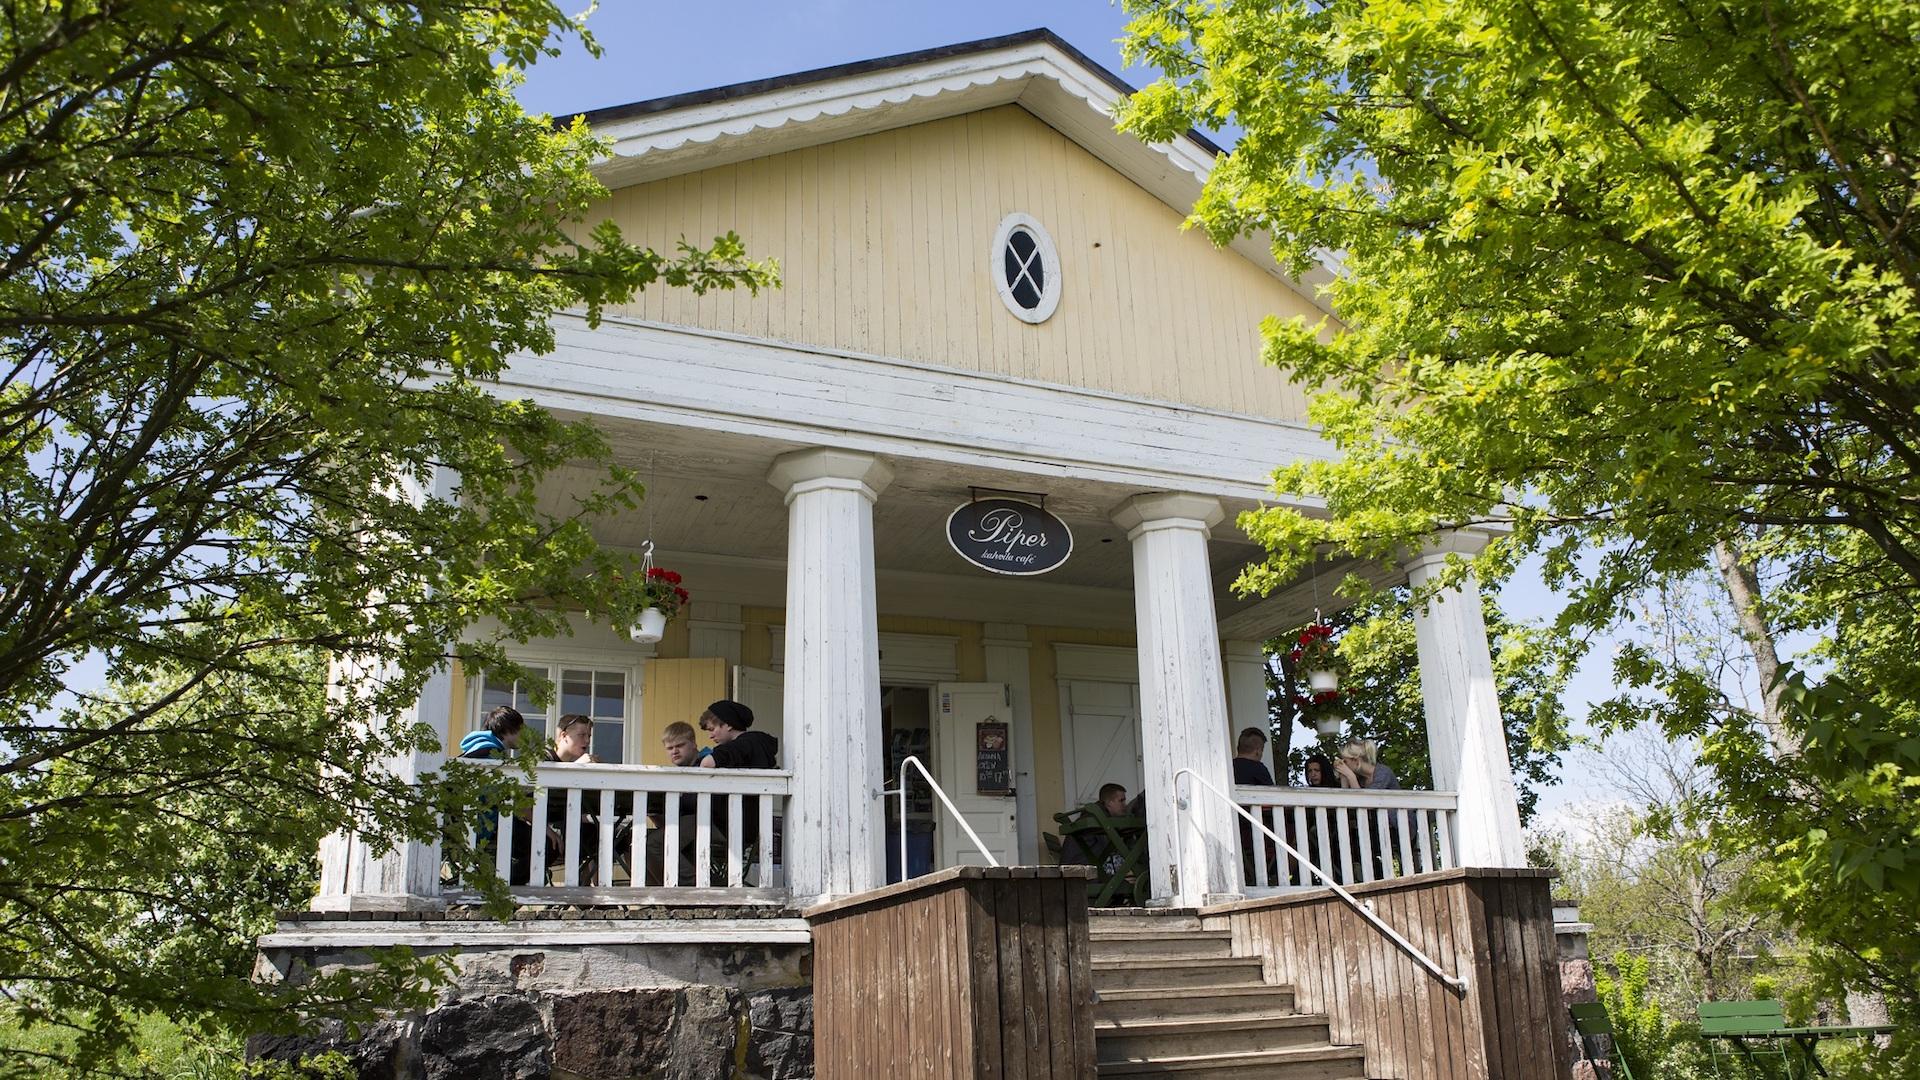 Cafe Piper Suomenlinna